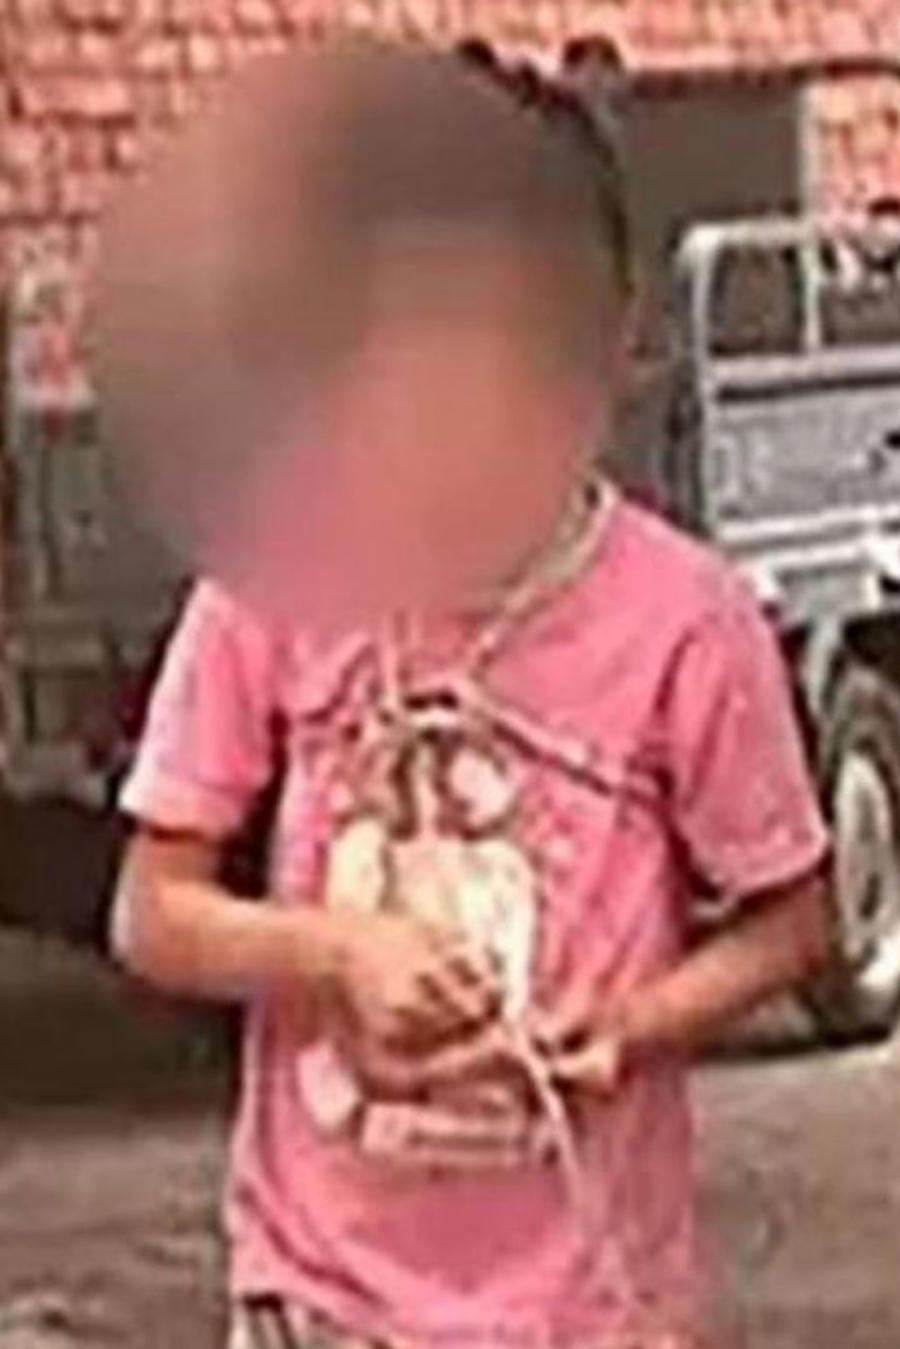 Una niña que sufre una enfermedad mental lleva 6 años atada a un árbol